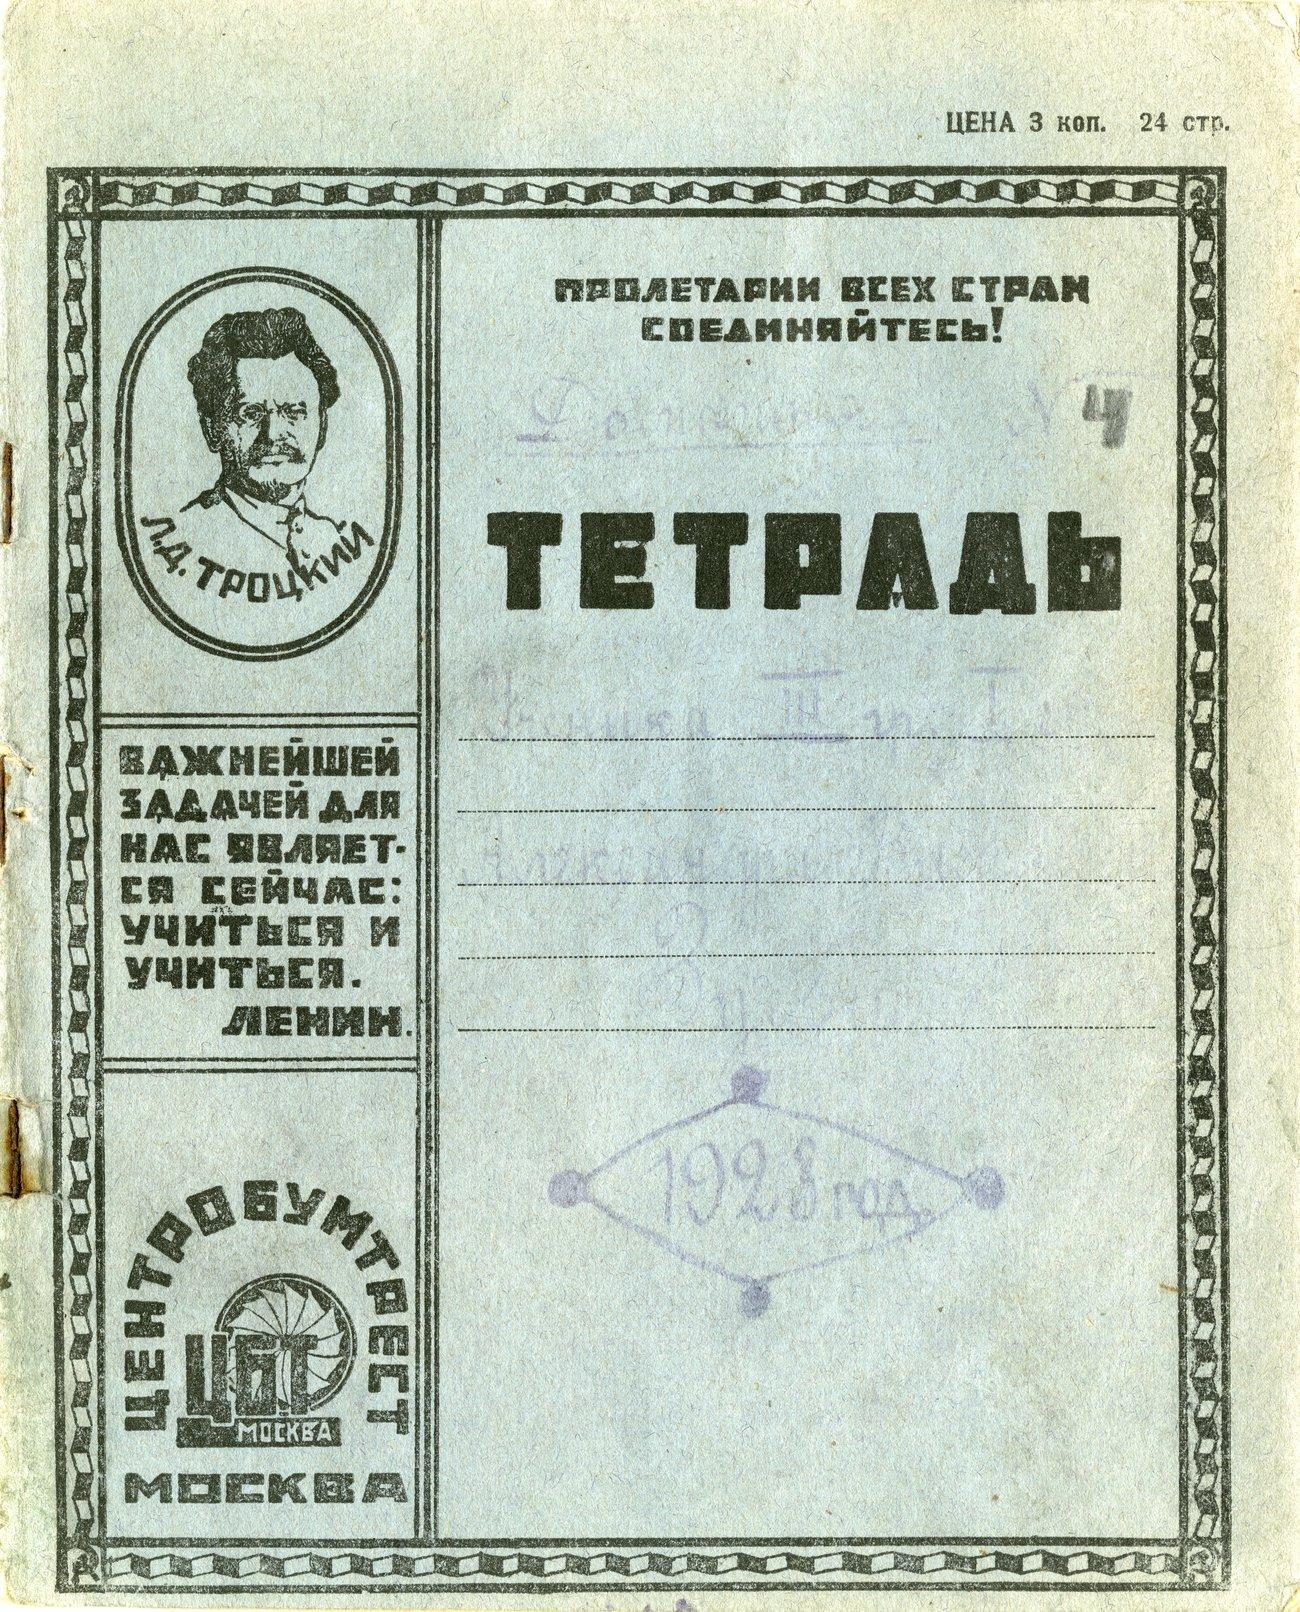 Тетрадь центробумтрест Троцкий